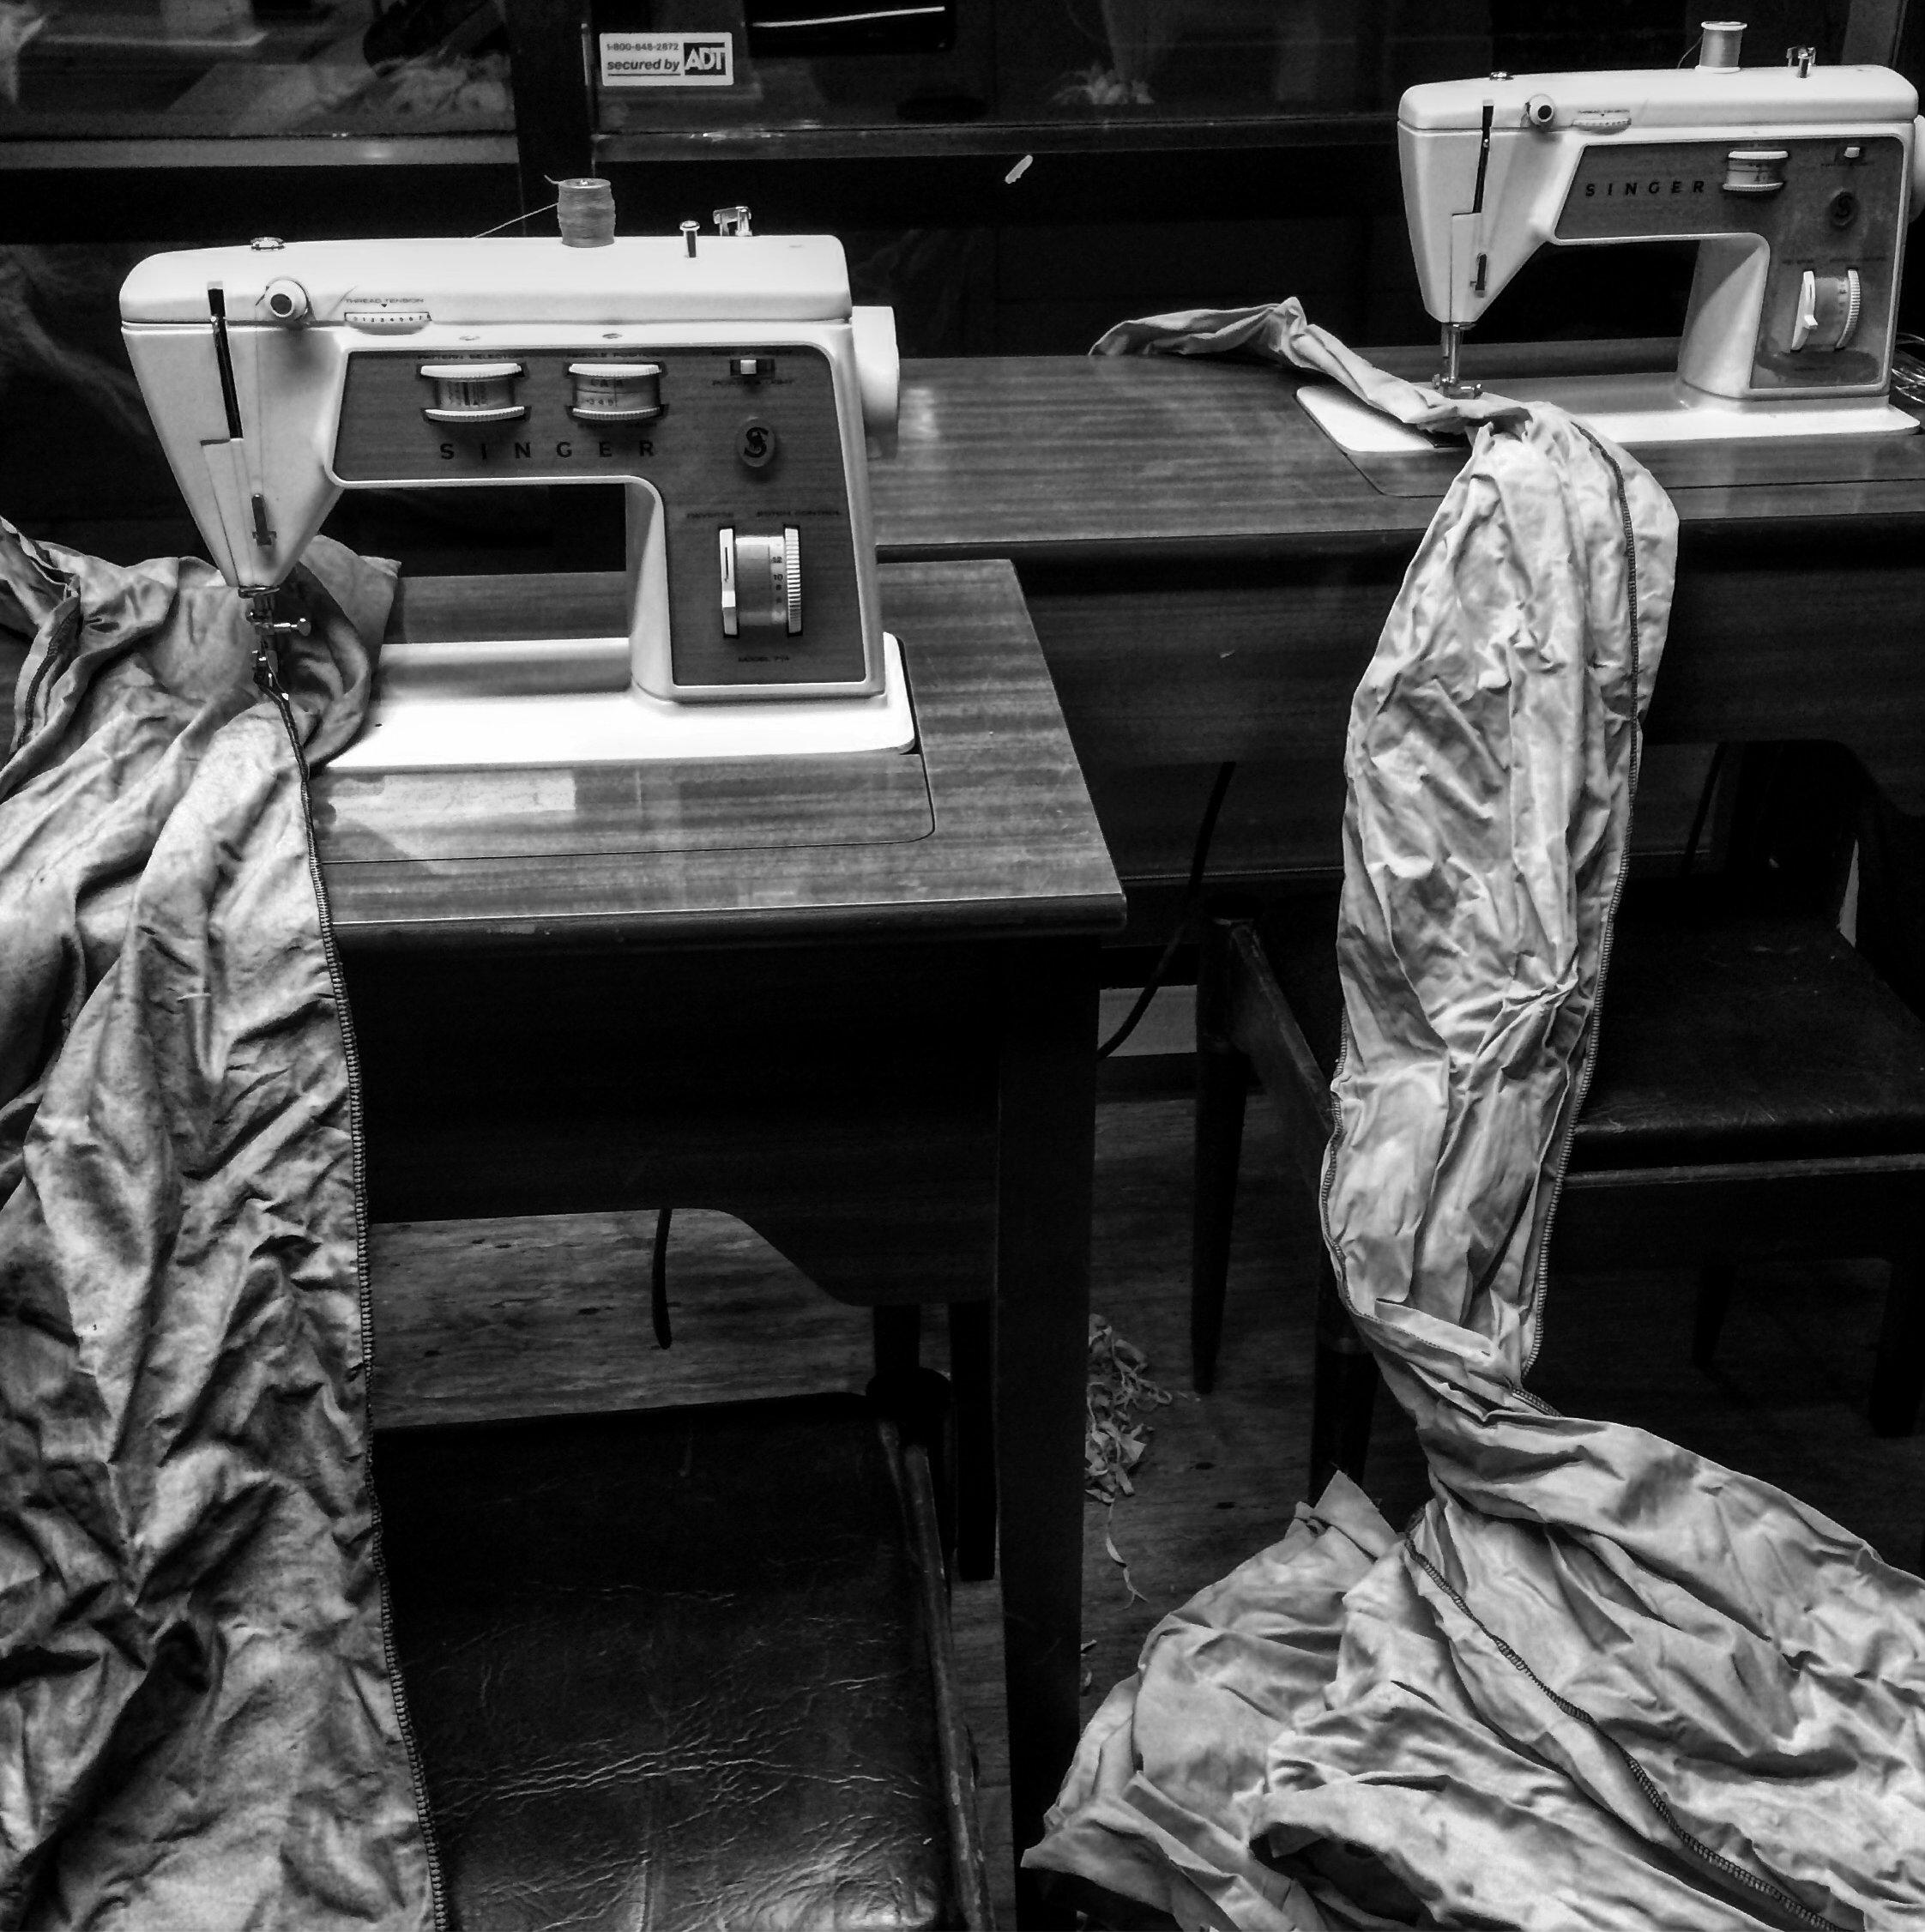 Sewing Machine & Fabric Stacks